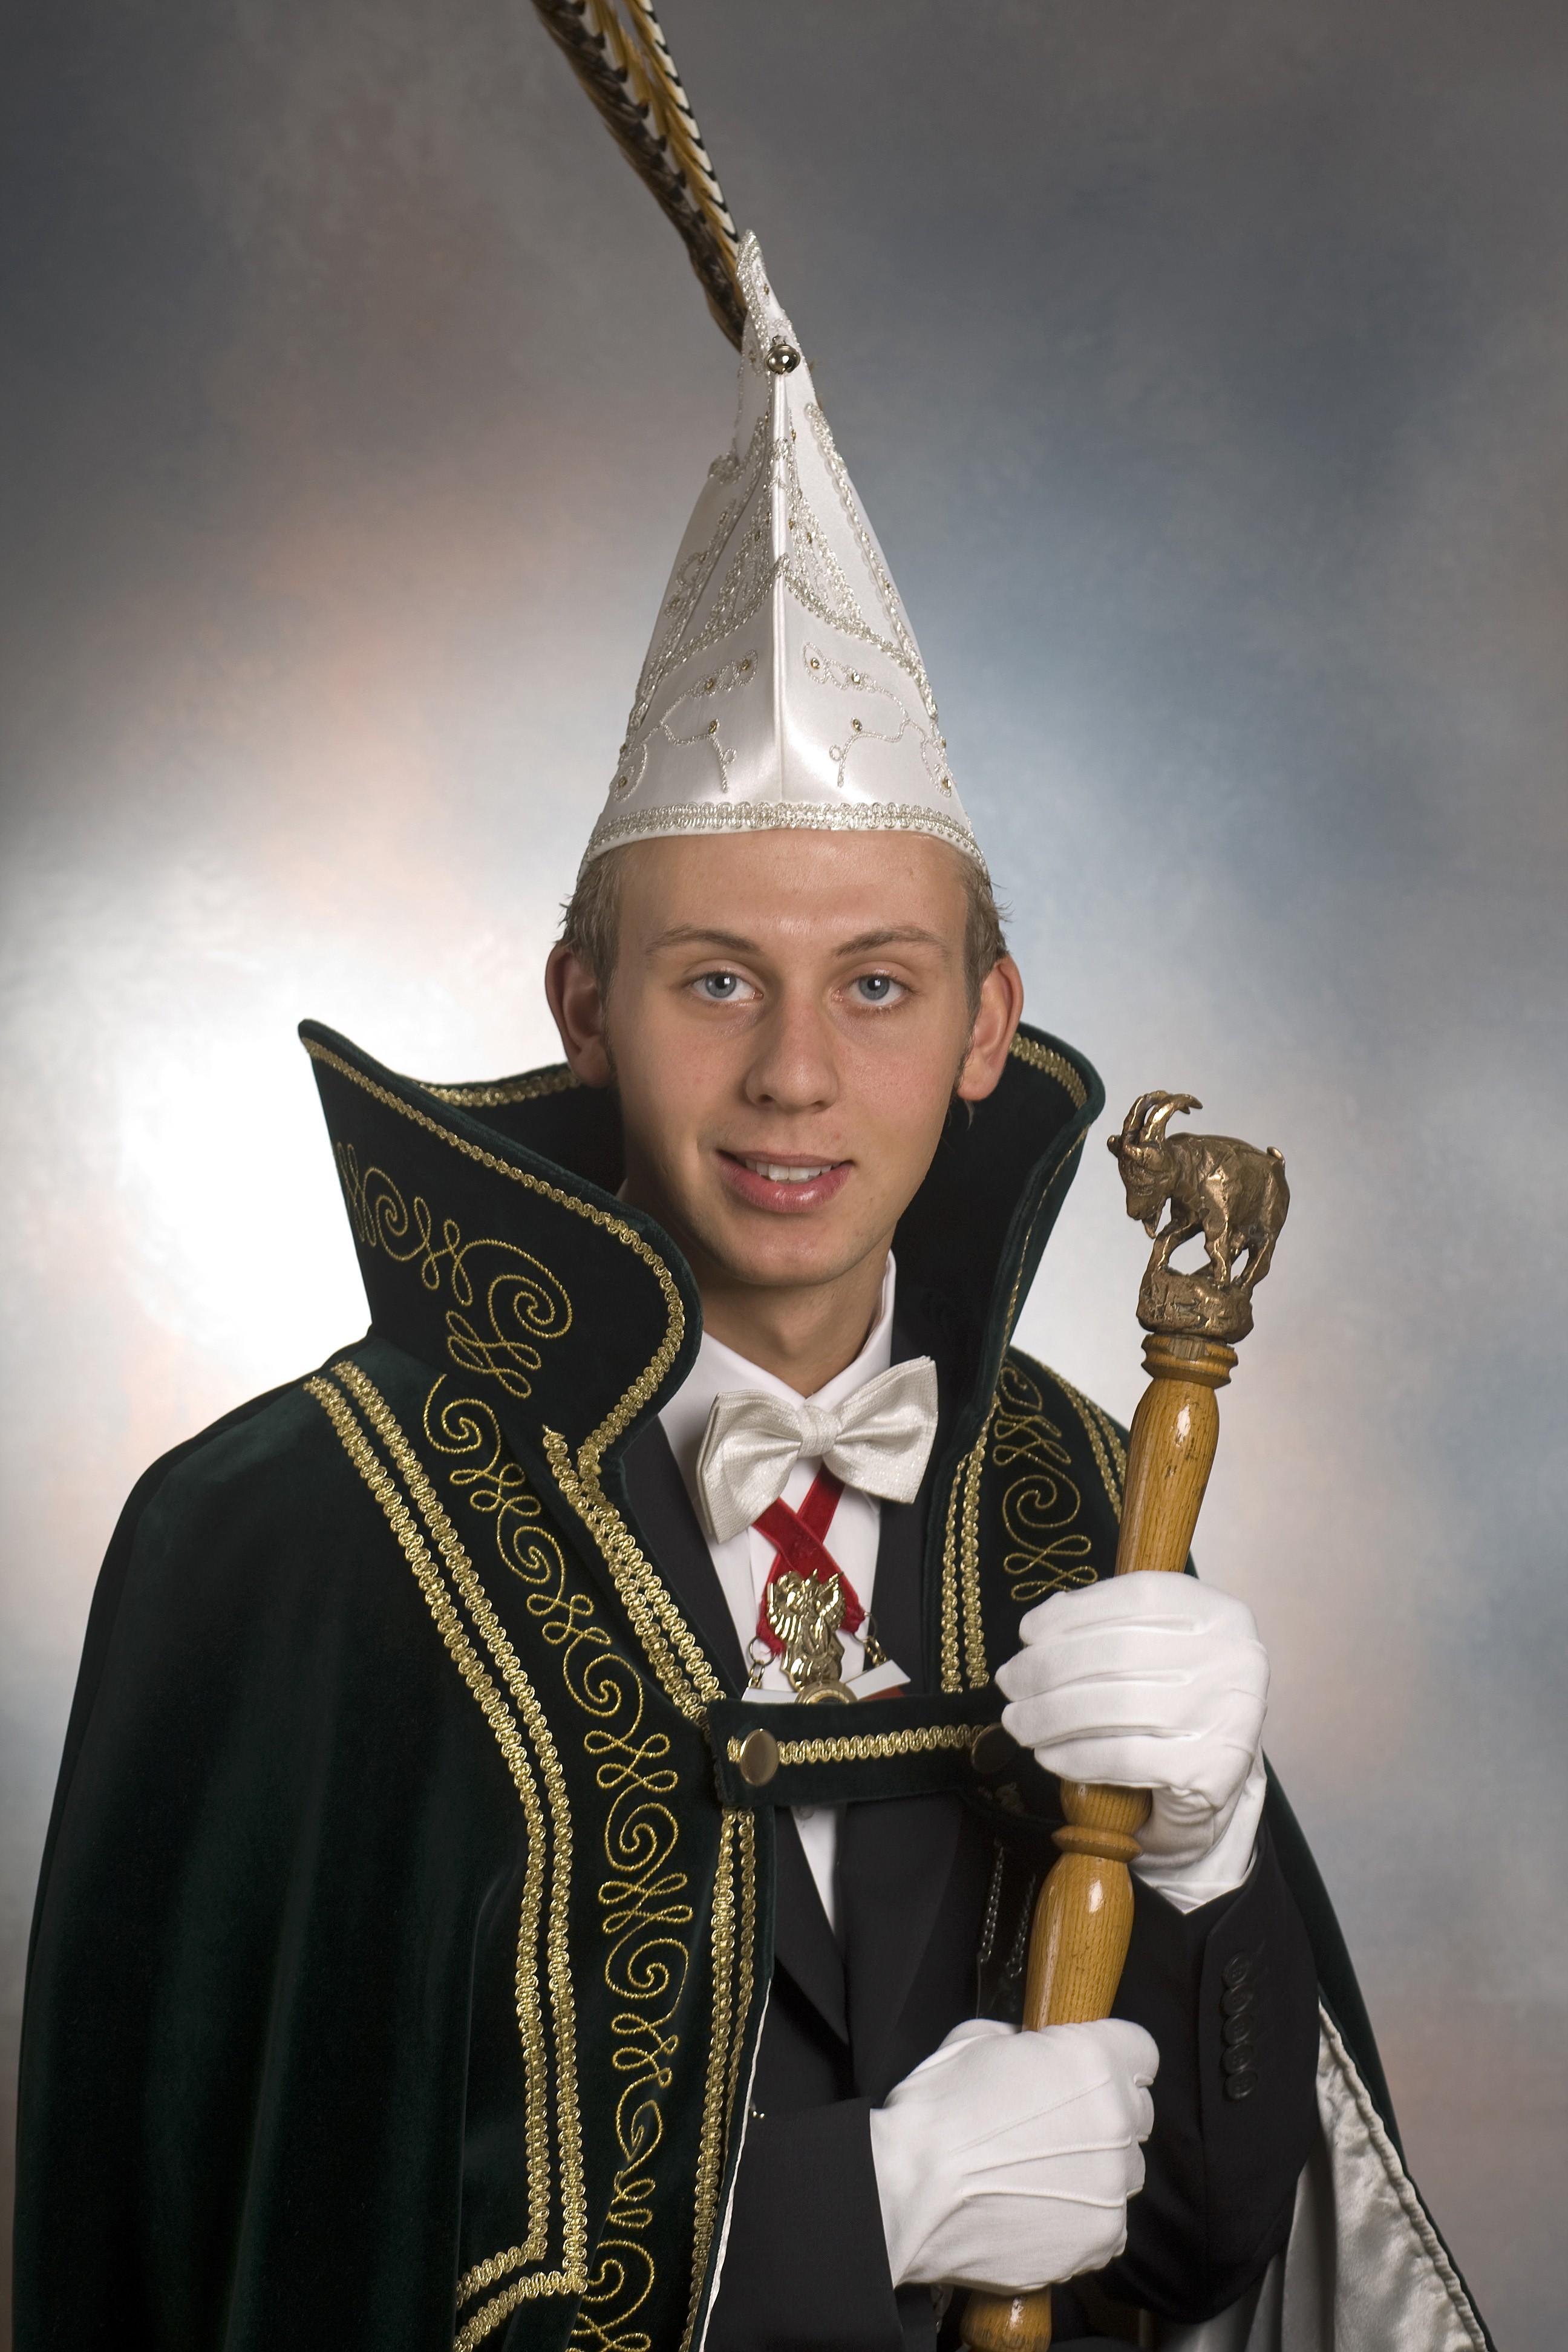 2010 Tom II van de Burgt